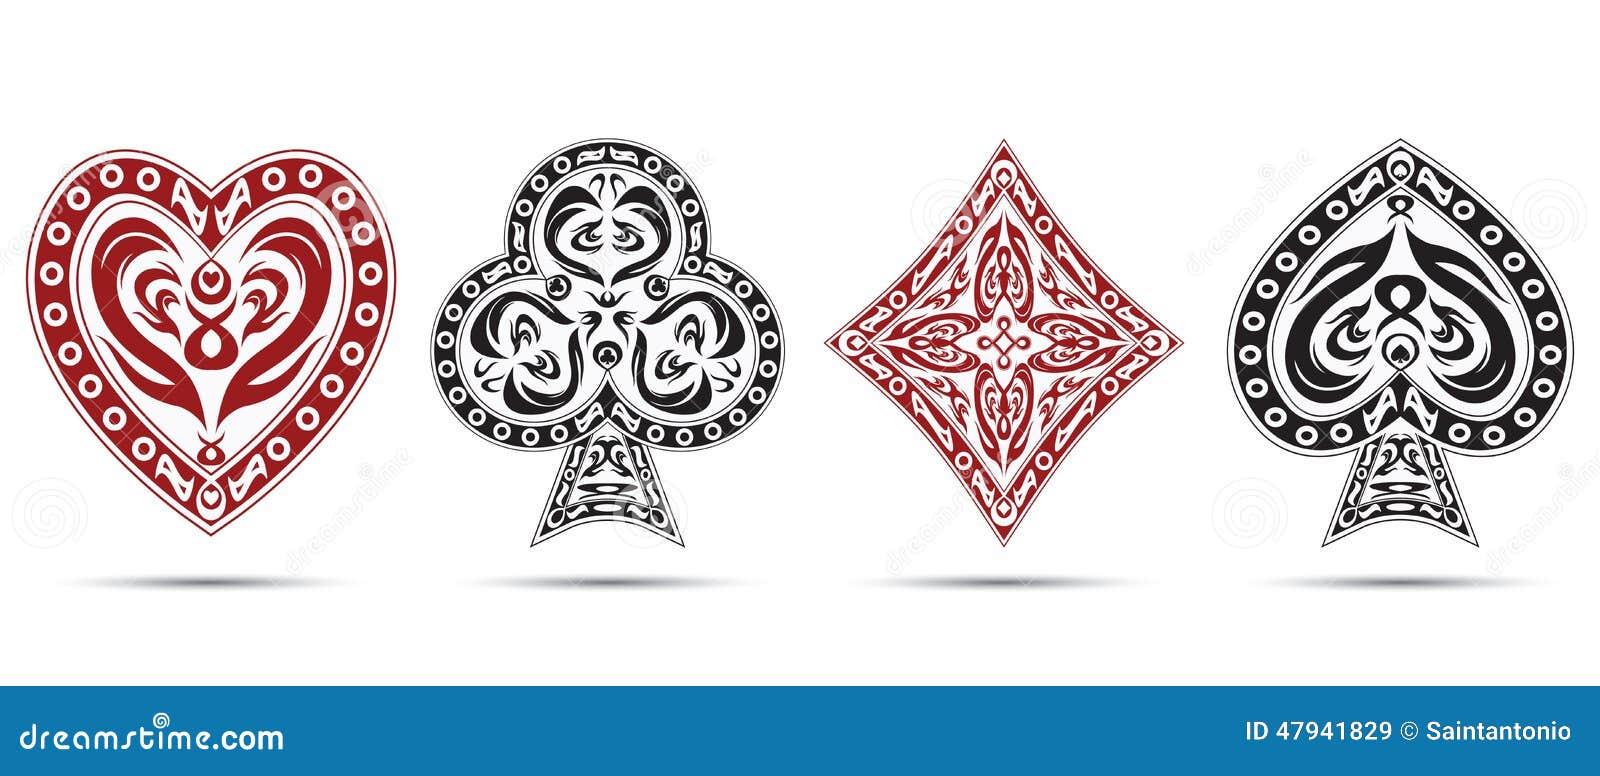 Spades, harten, diamanten, de kaartensymbolen van de clubspook op witte achtergrond worden geïsoleerd die